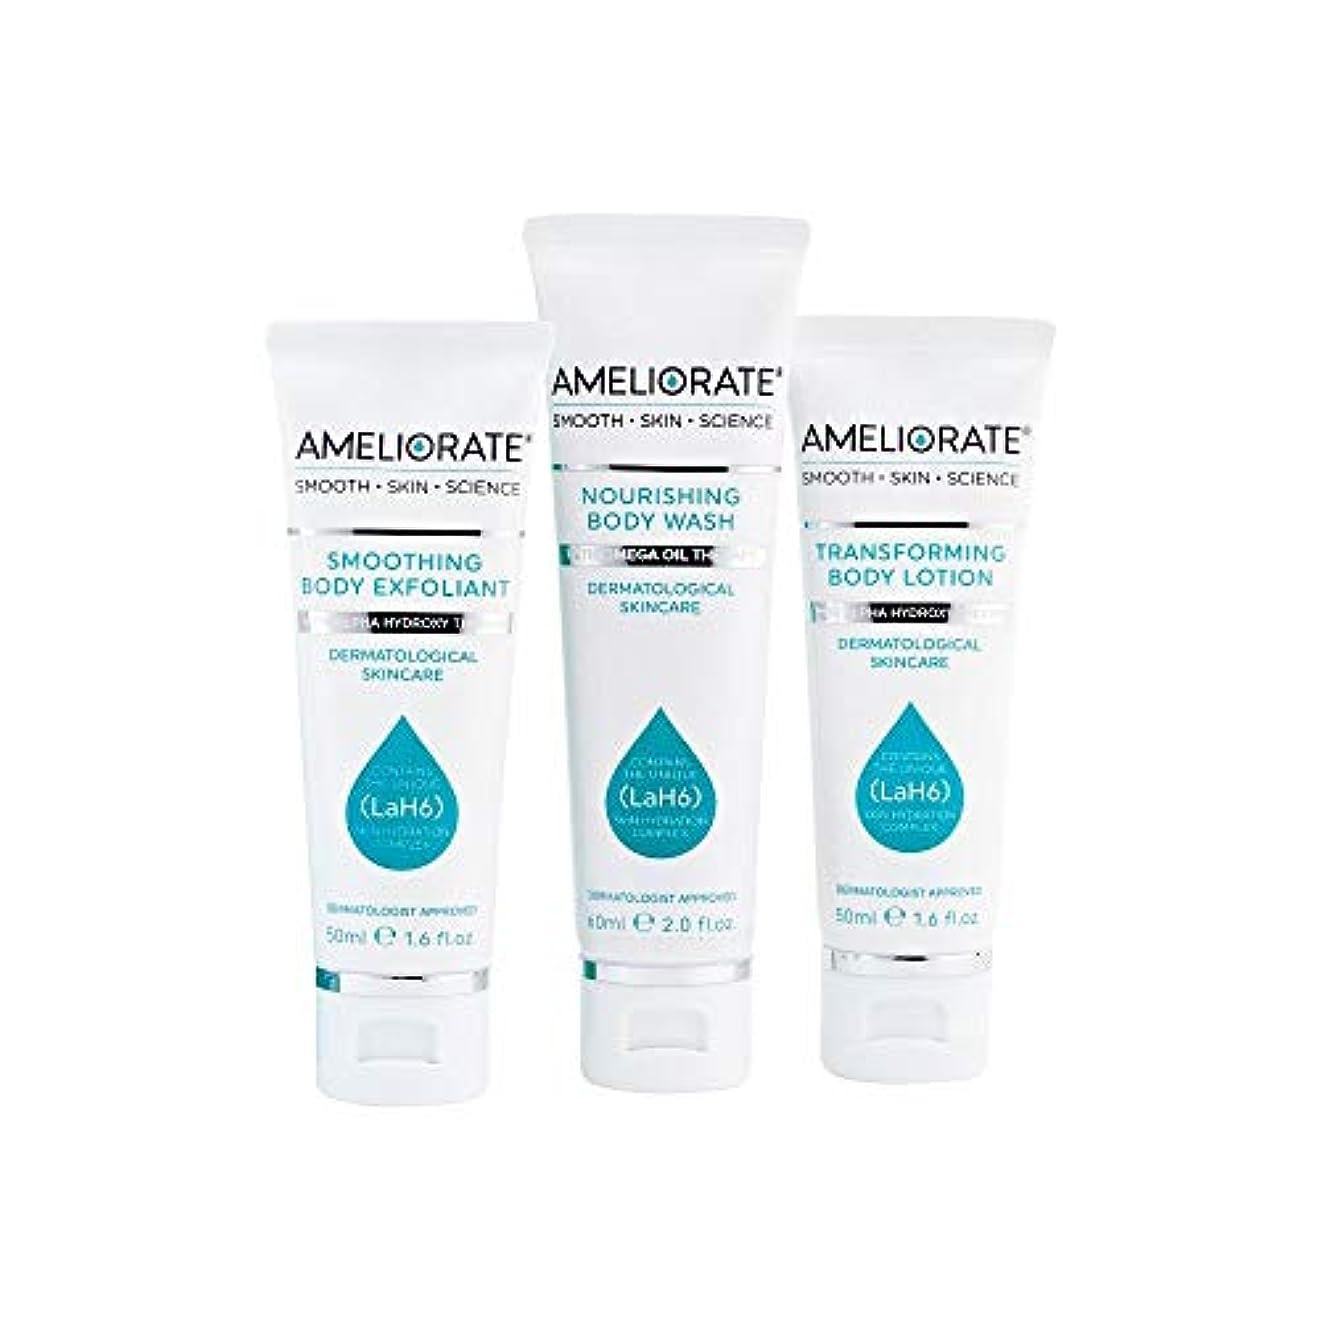 十分二十十代の若者たち[Ameliorate] 皮膚キットを滑らかにする3つのステップを改善 - Ameliorate 3 Steps to Smooth Skin Kit [並行輸入品]